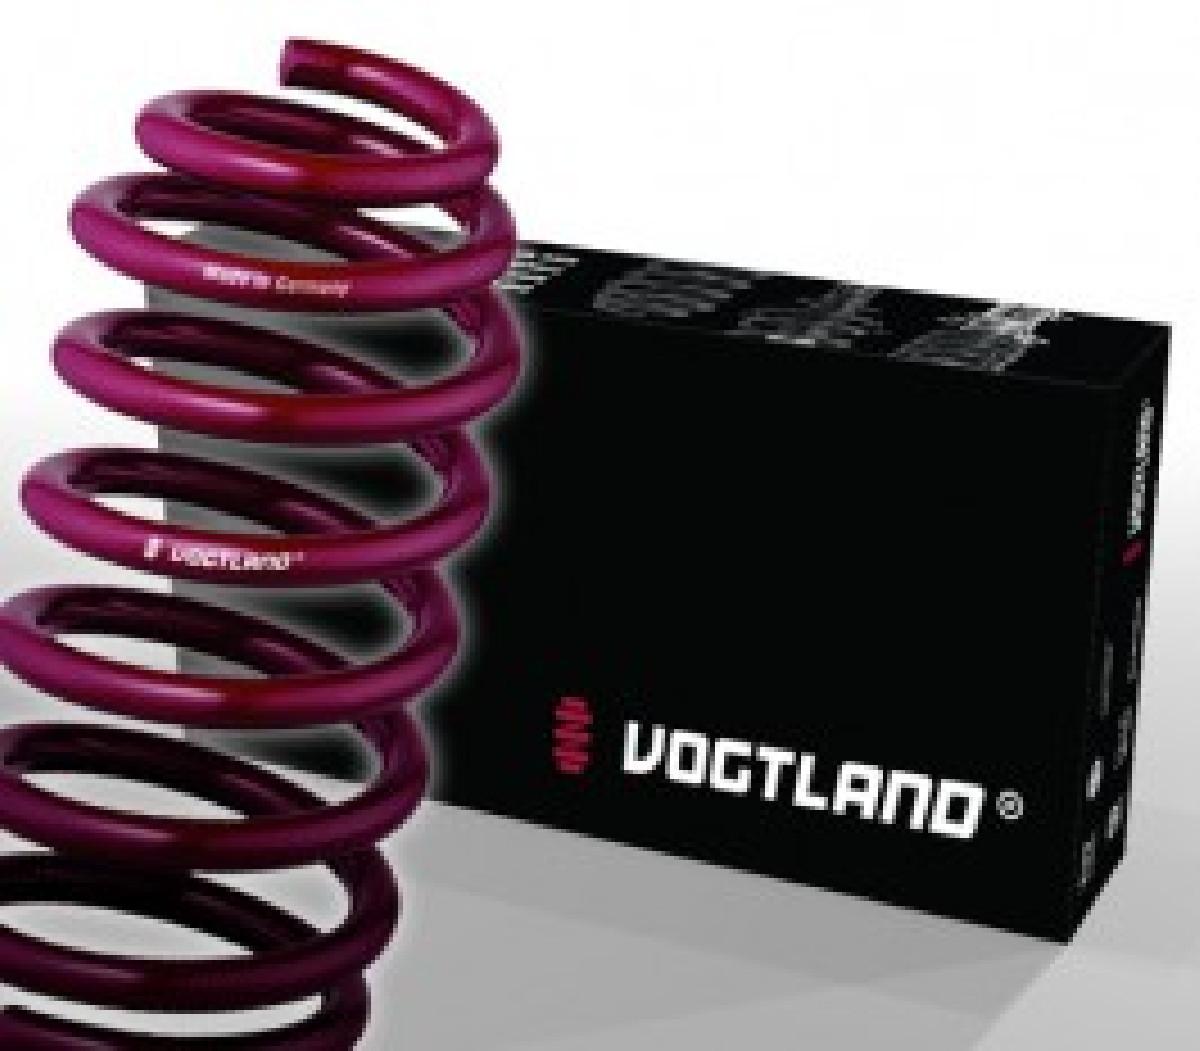 Vogtland Sportfedernsatz Hyundai i30, Typ FD